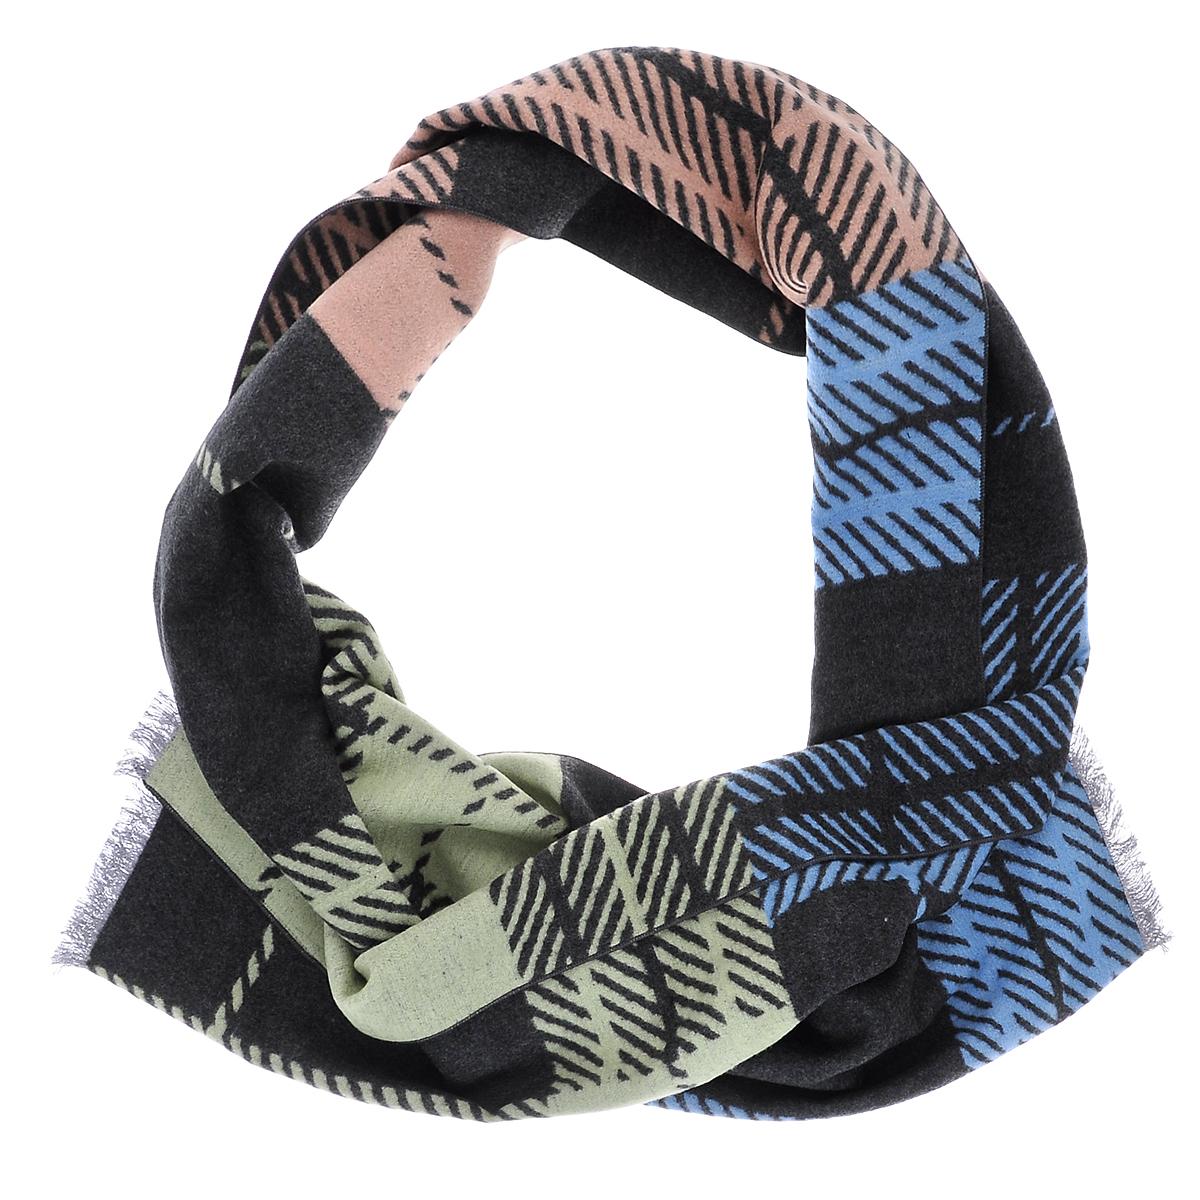 Шарф мужской Moltini, цвет: бежевый, голубой, светло-зеленый. 90005-08J. Размер 30 см х 180 см90005-08JЭлегантный мужской шарф Moltini согреет в холодное время года, а также станет изысканным аксессуаром, который призван подчеркнуть ваш стиль и индивидуальность. Ворсистый теплый шарф выполнен на основе из 100% шелка и оформлен оригинальным принтом. Края модели декорированы тонкой бахромой.